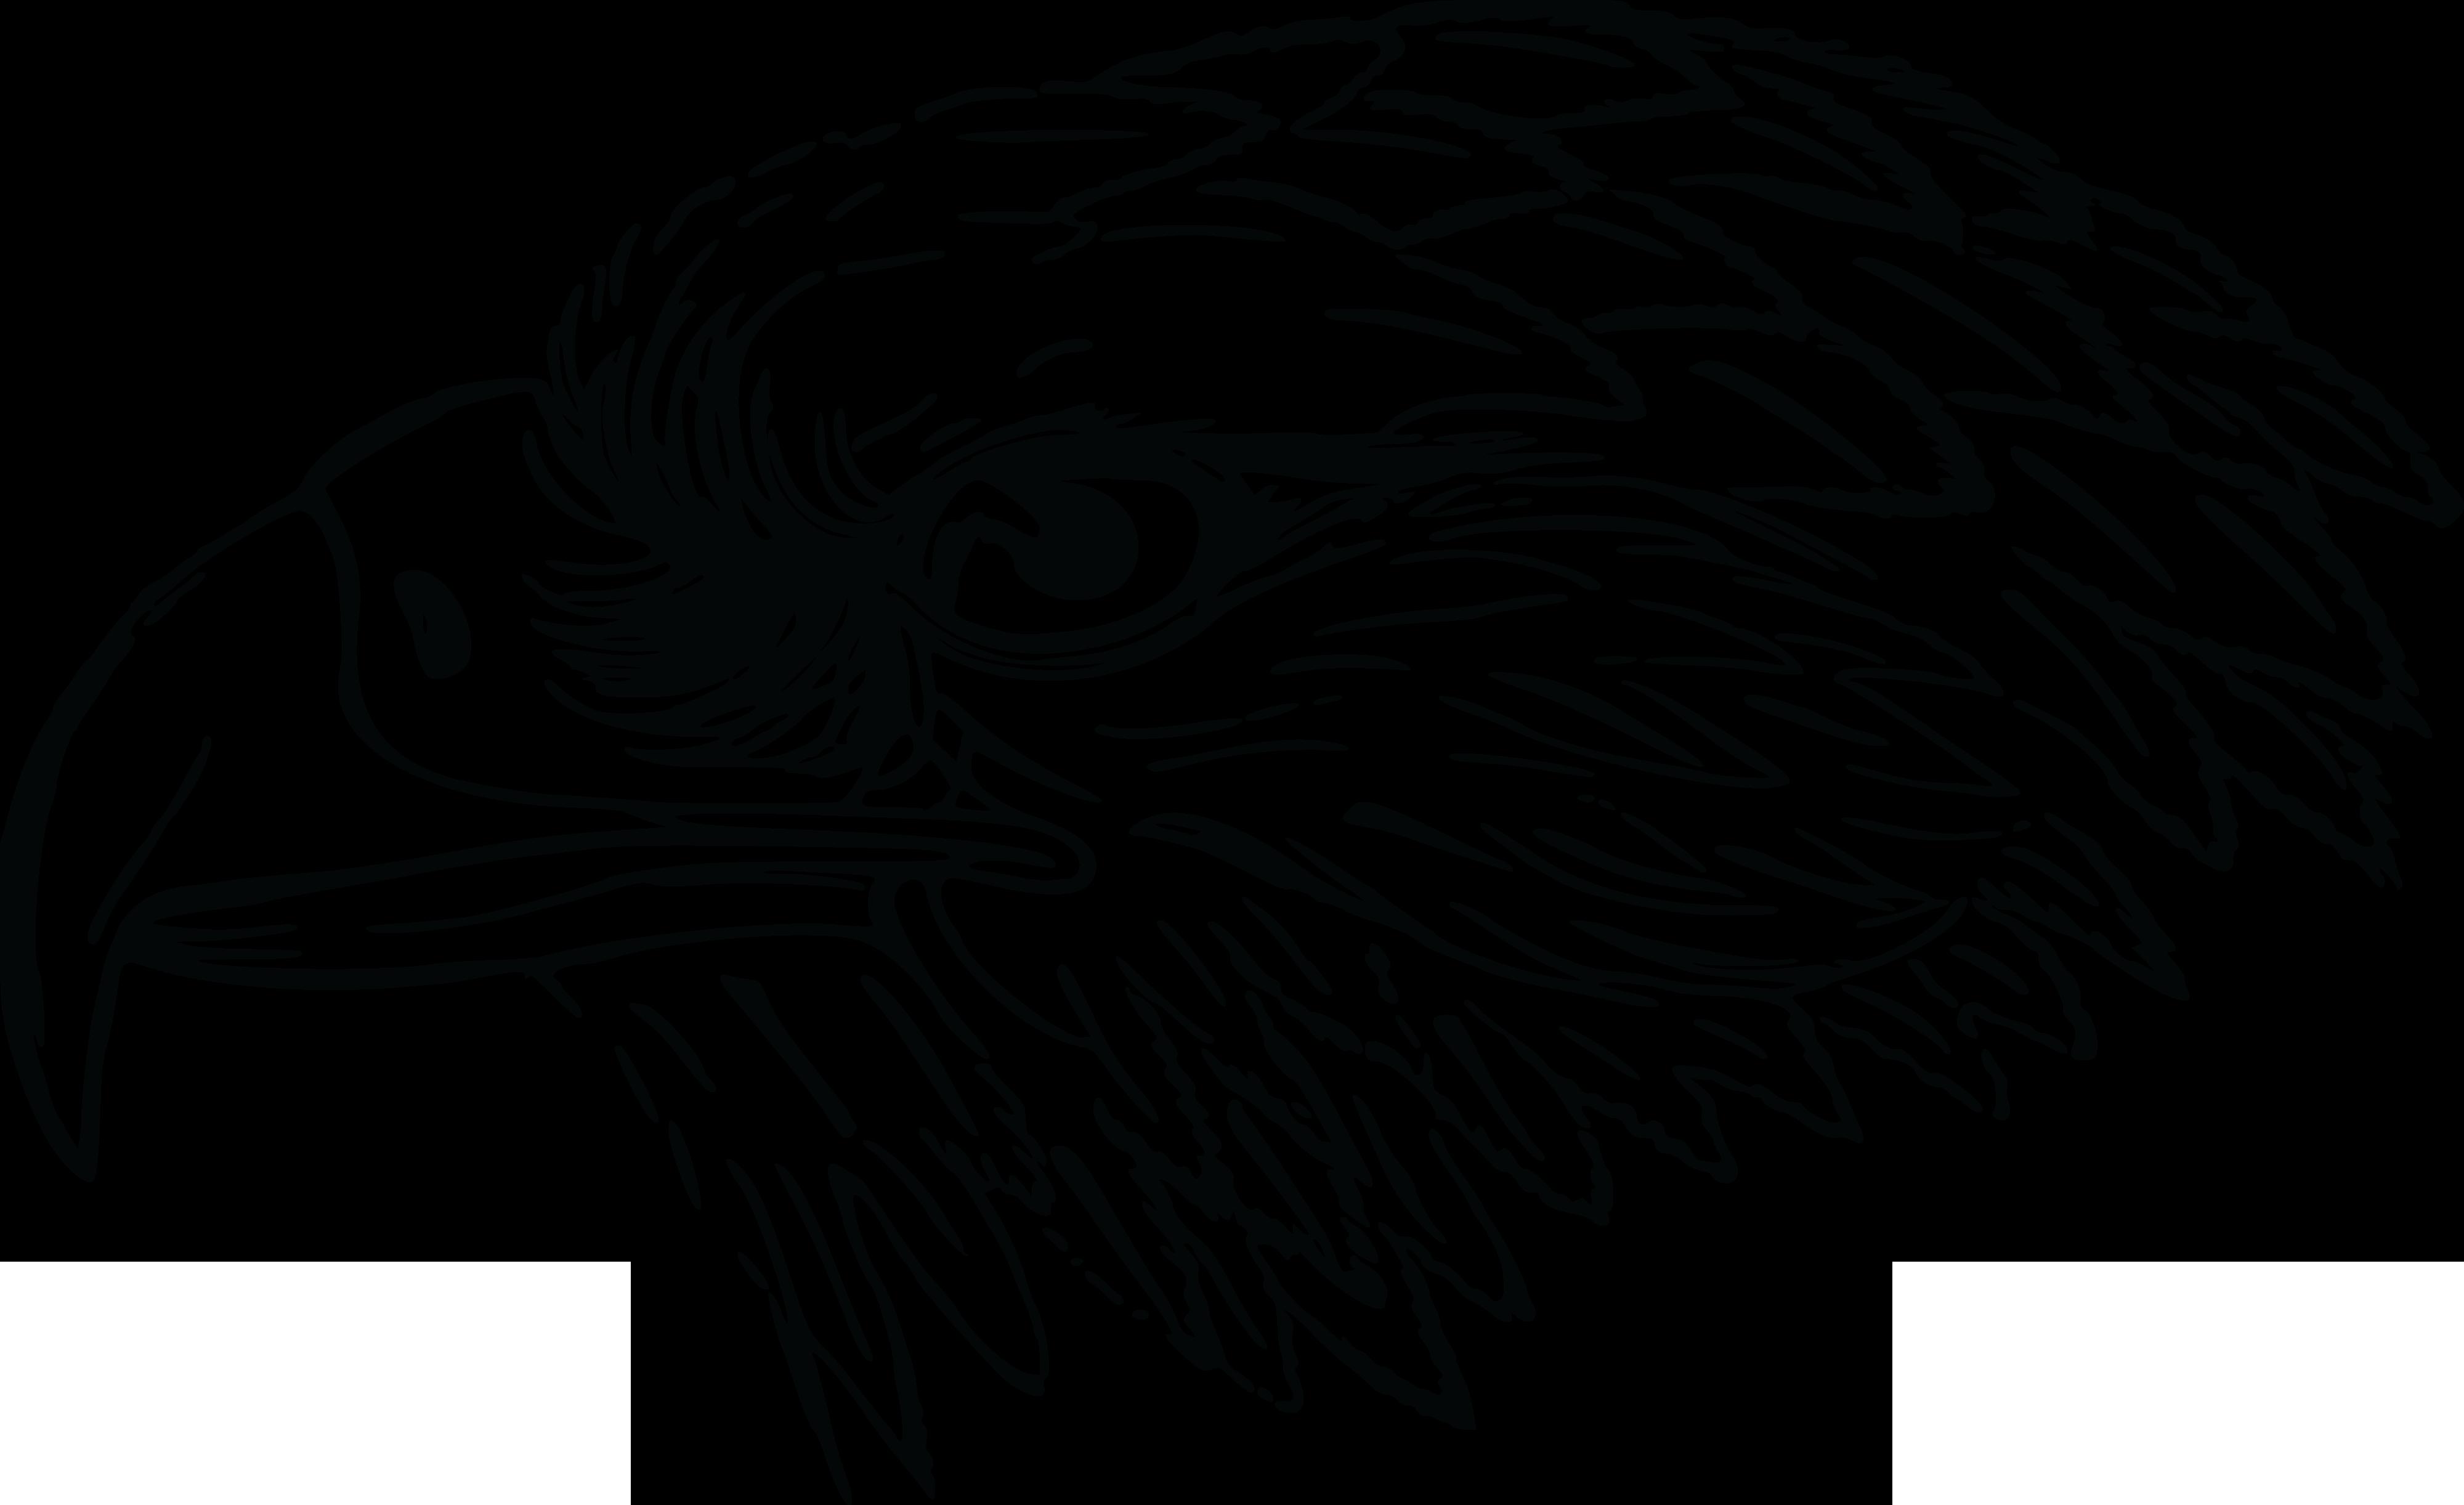 Falcon clipart tribal. Eagle clip art black